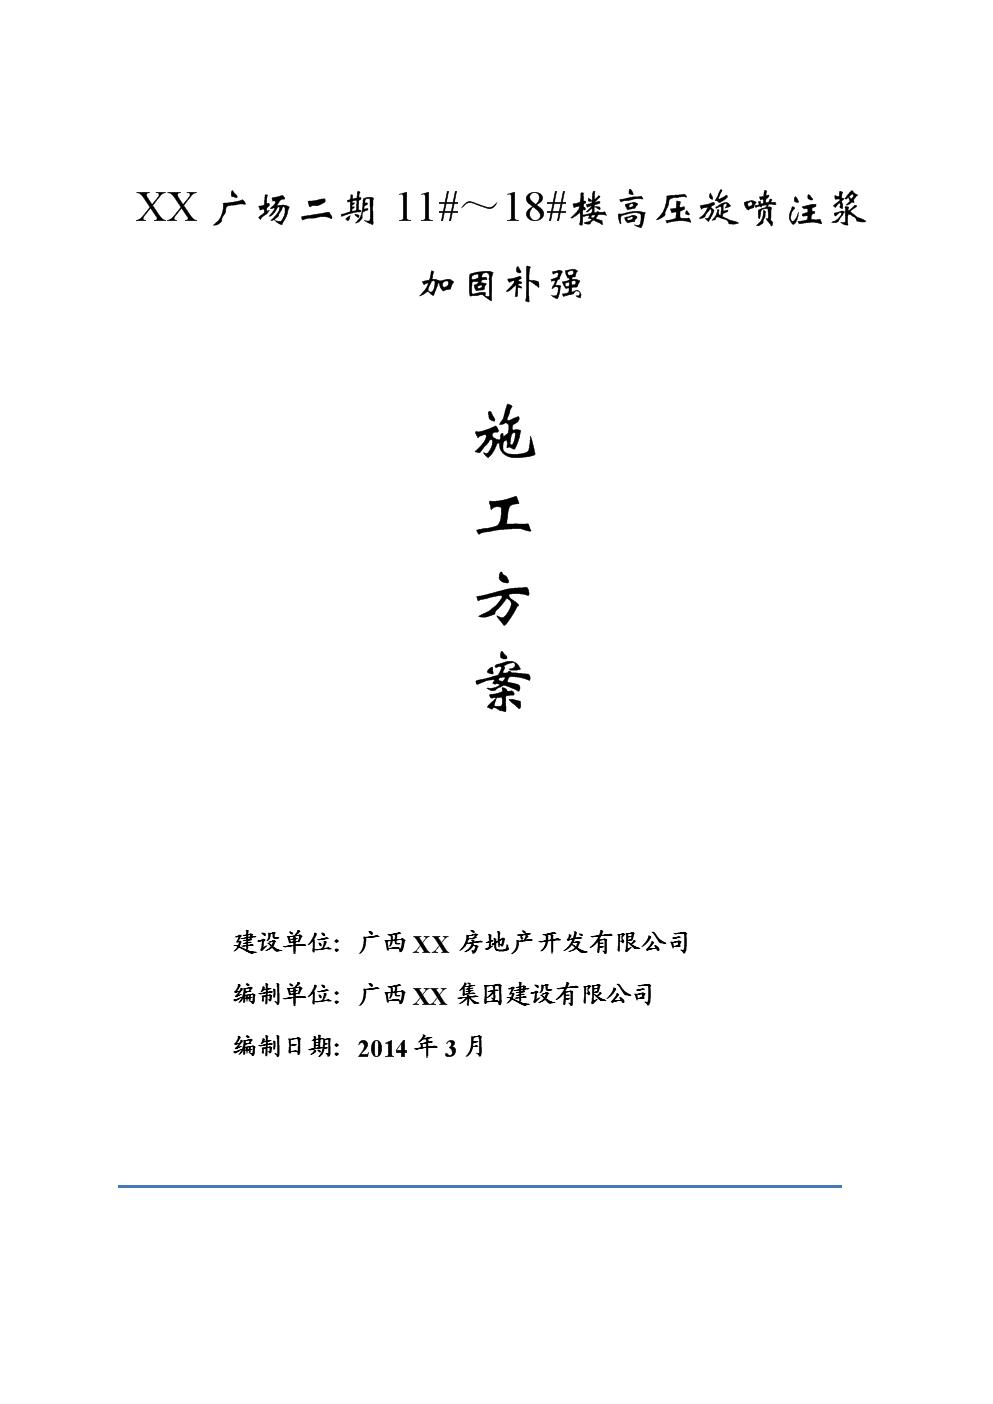 XX广场二期旋挖桩补强处理施工方案(修改版).doc